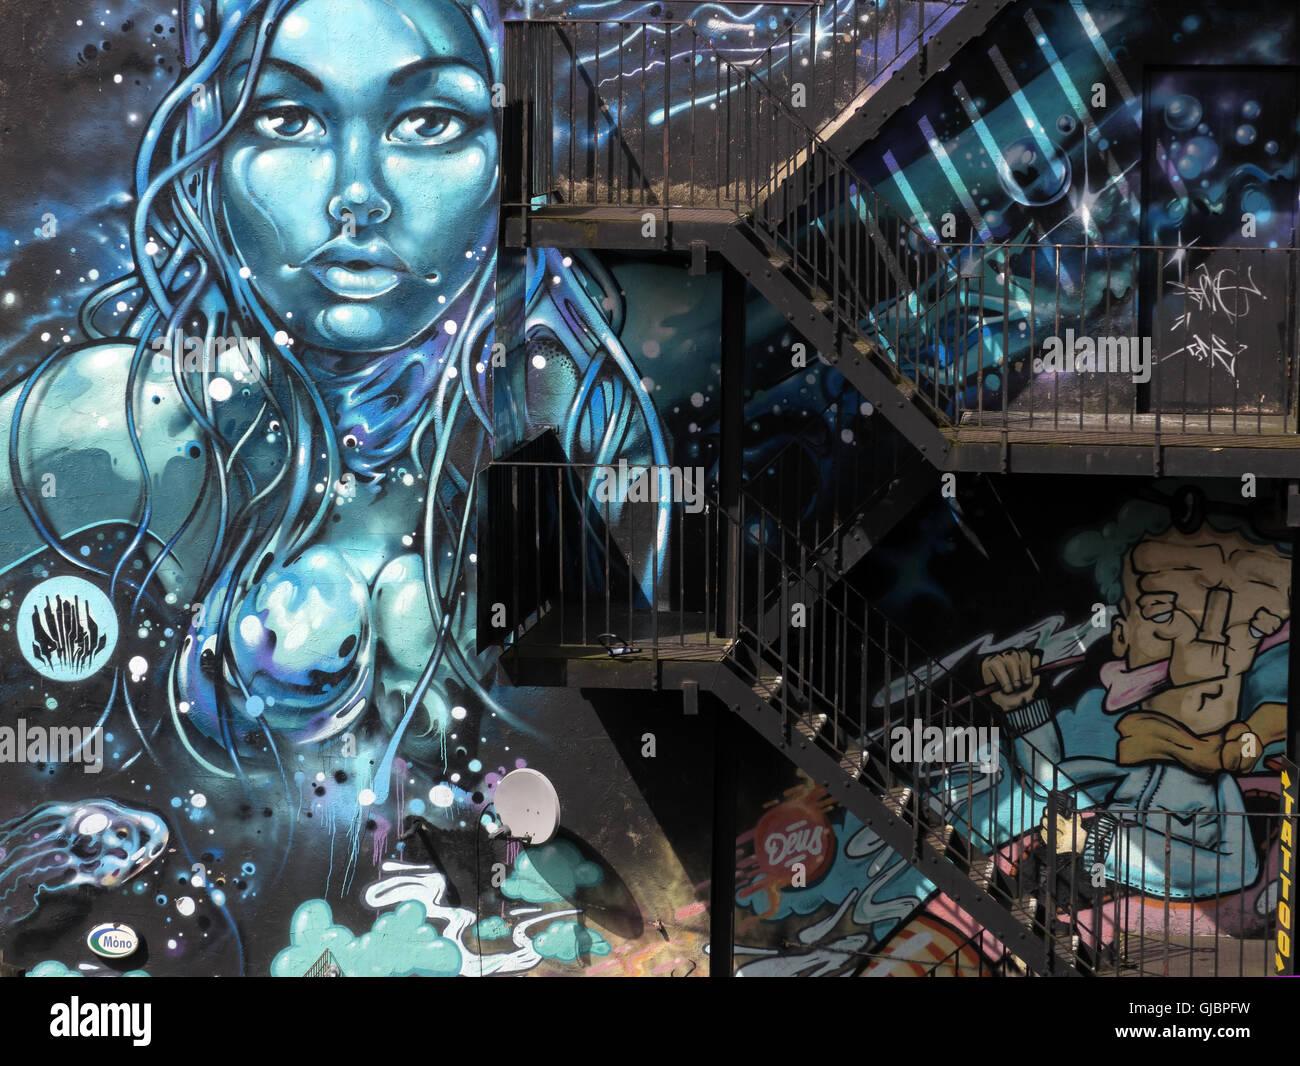 Laden Sie dieses Alamy Stockfoto Nördlichen Viertel Graffiti, Kirche St, Manchester, Lancashire, England, UK - GJBPFW